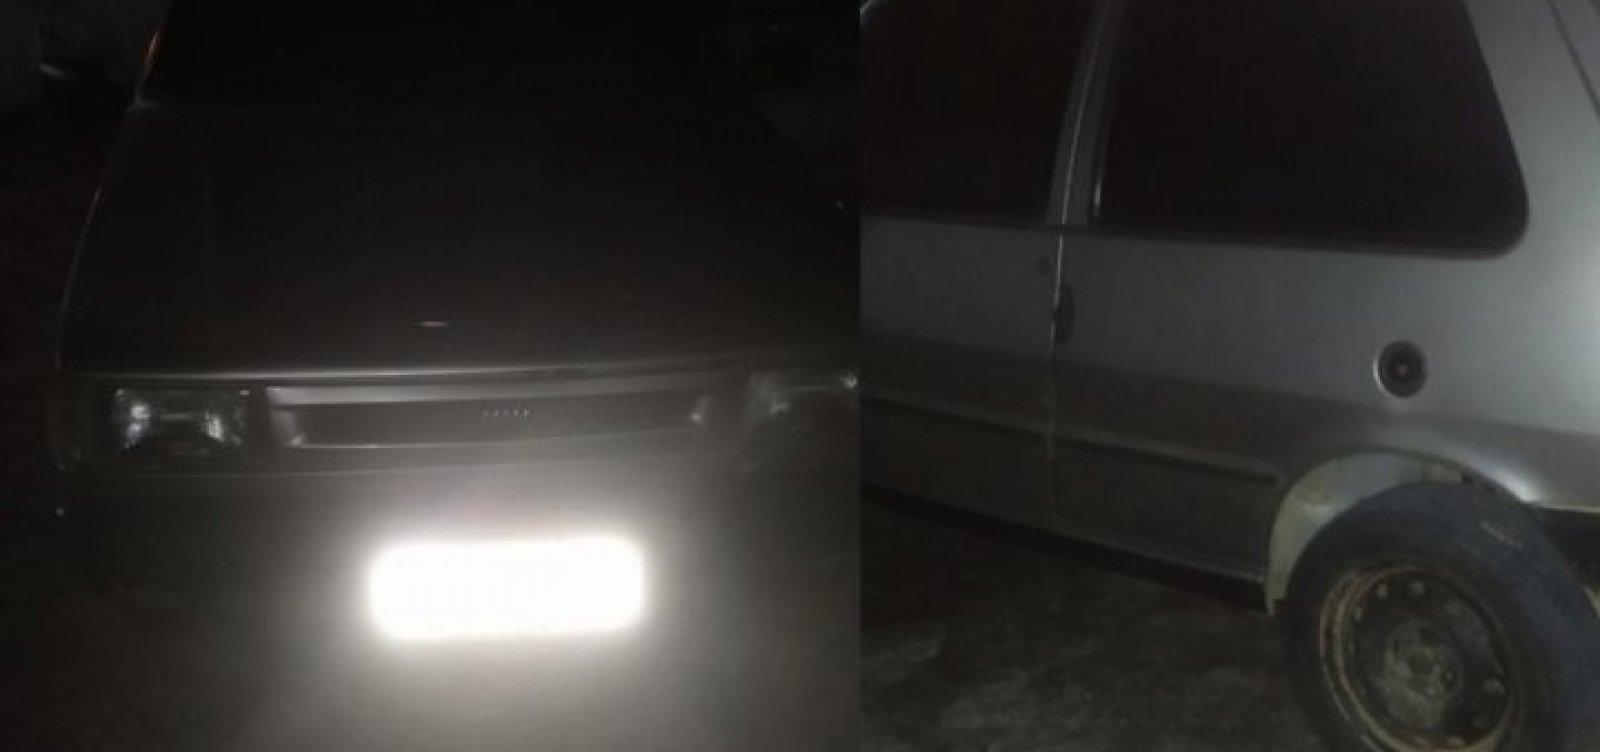 Polícia recupera carro de homem que apostou o veículo em jogo de enganação